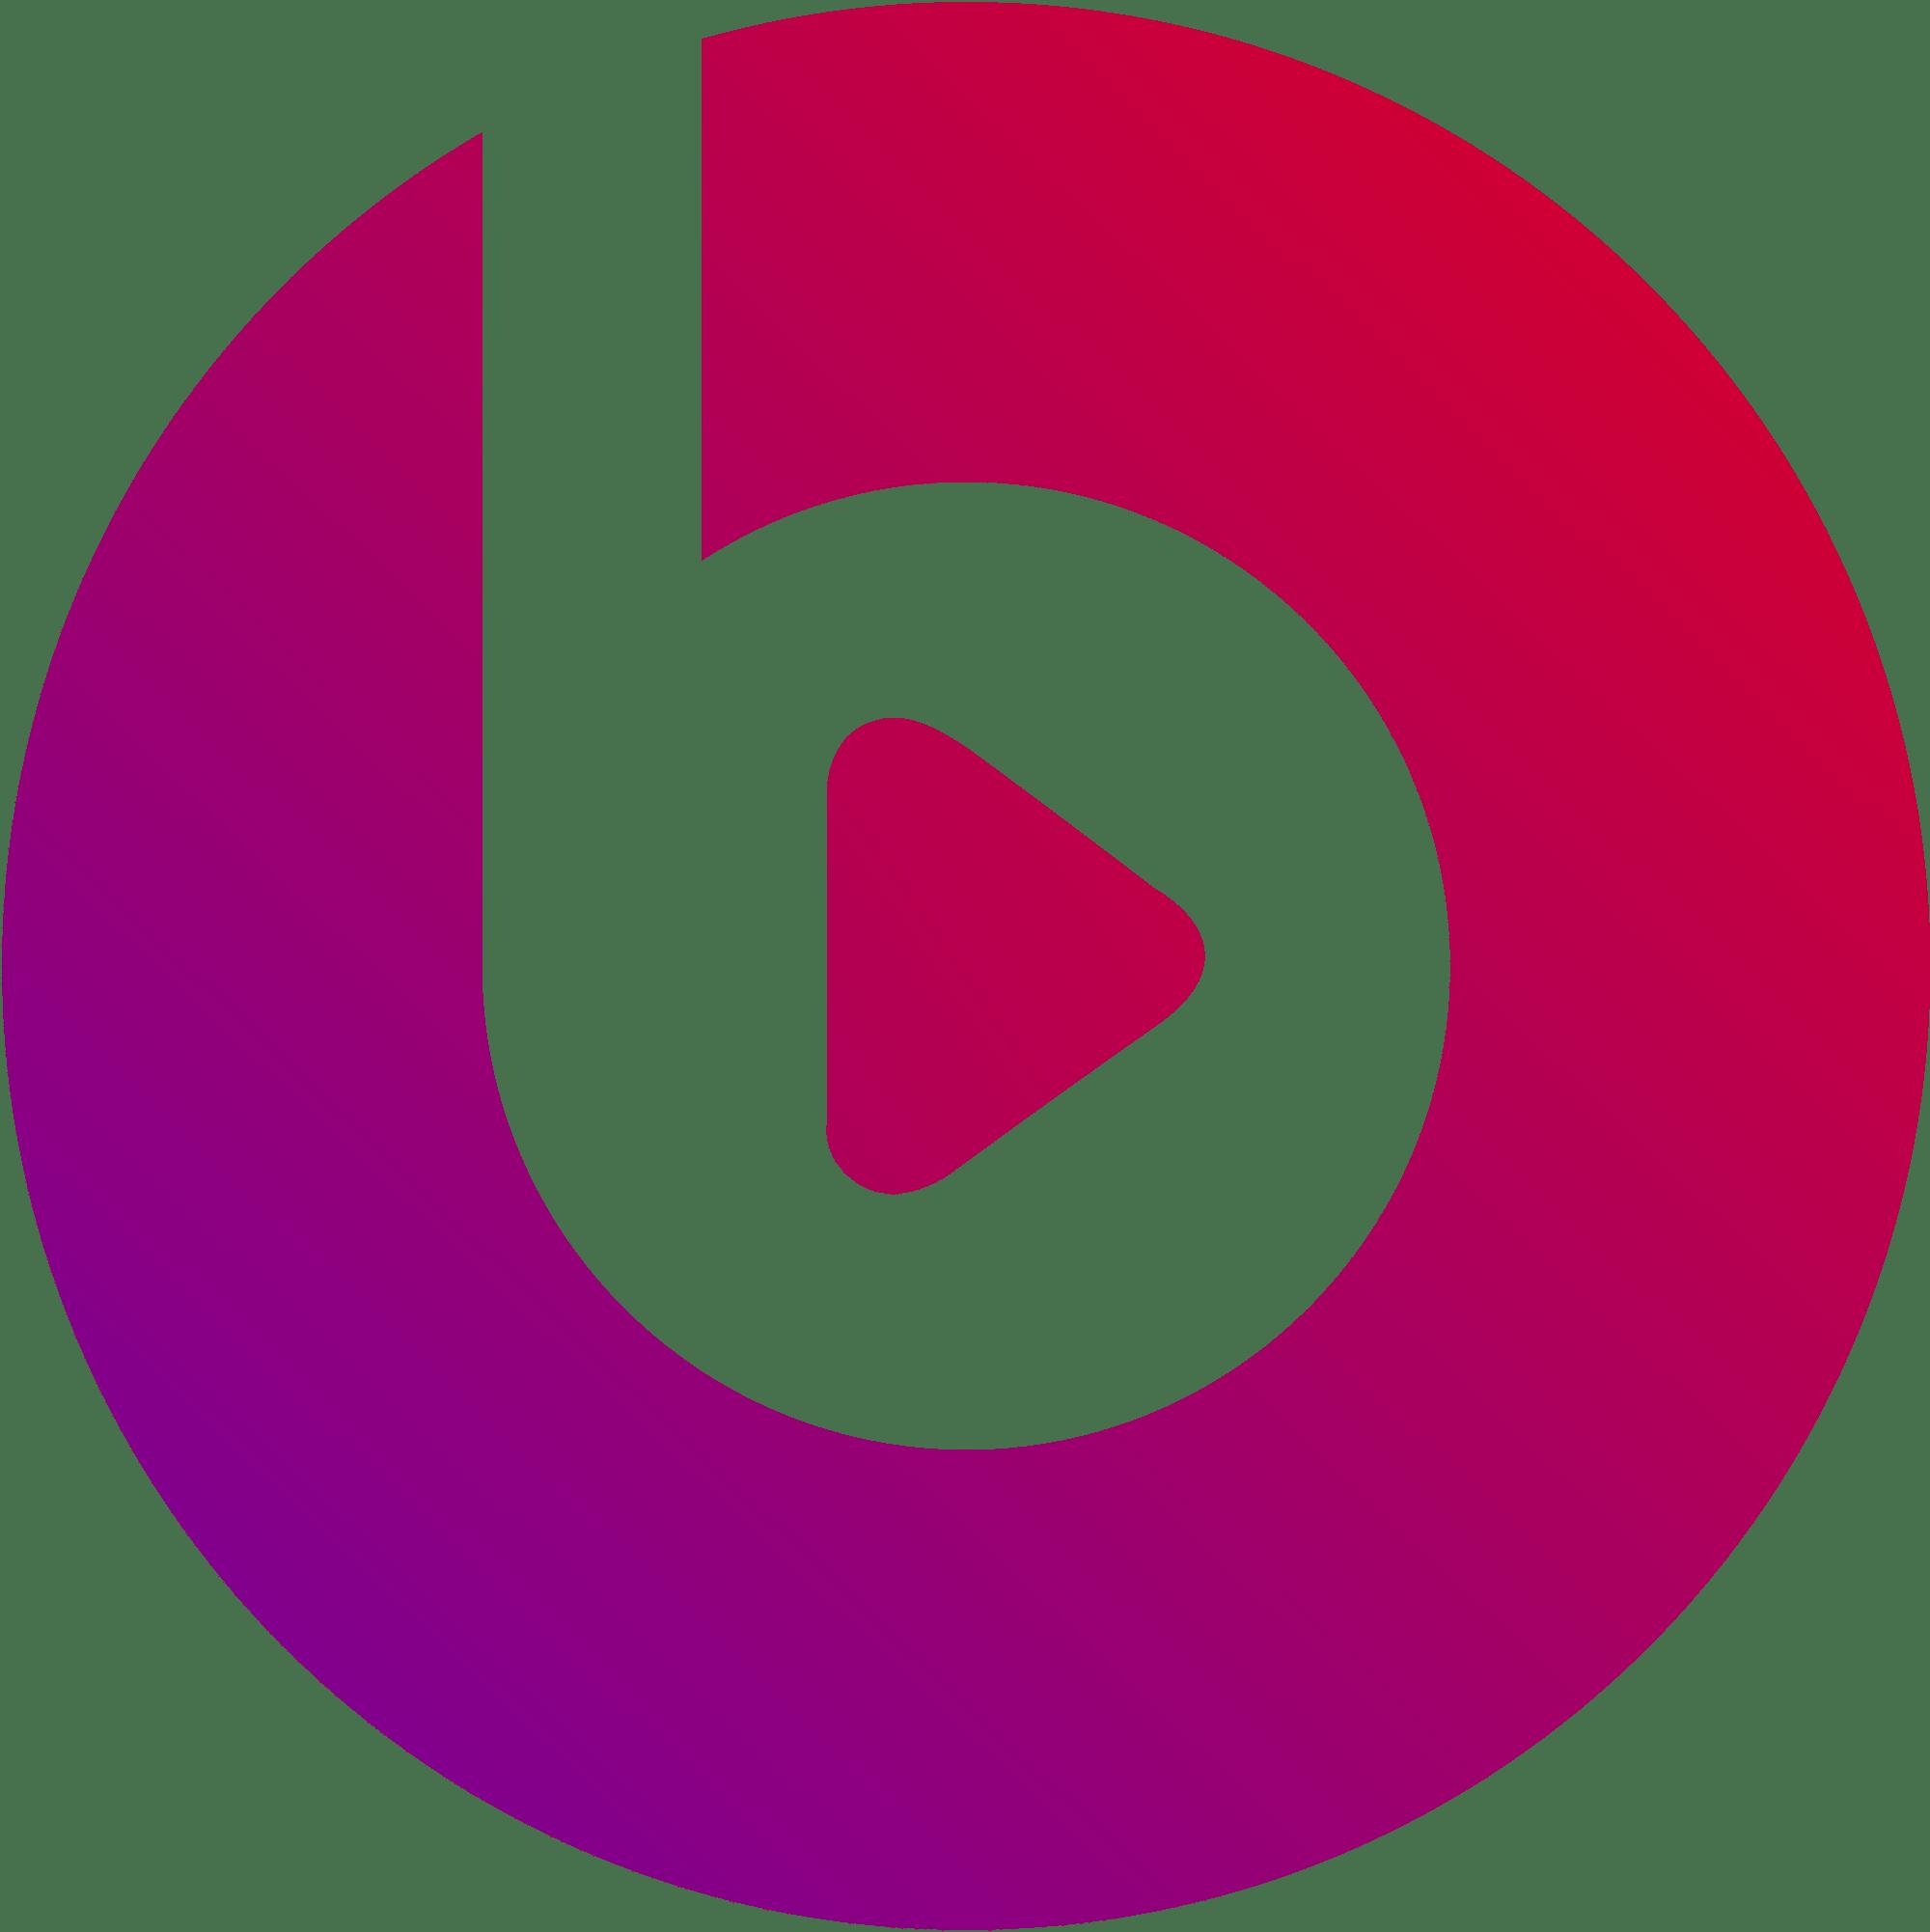 Beats Logo PNG - 178964